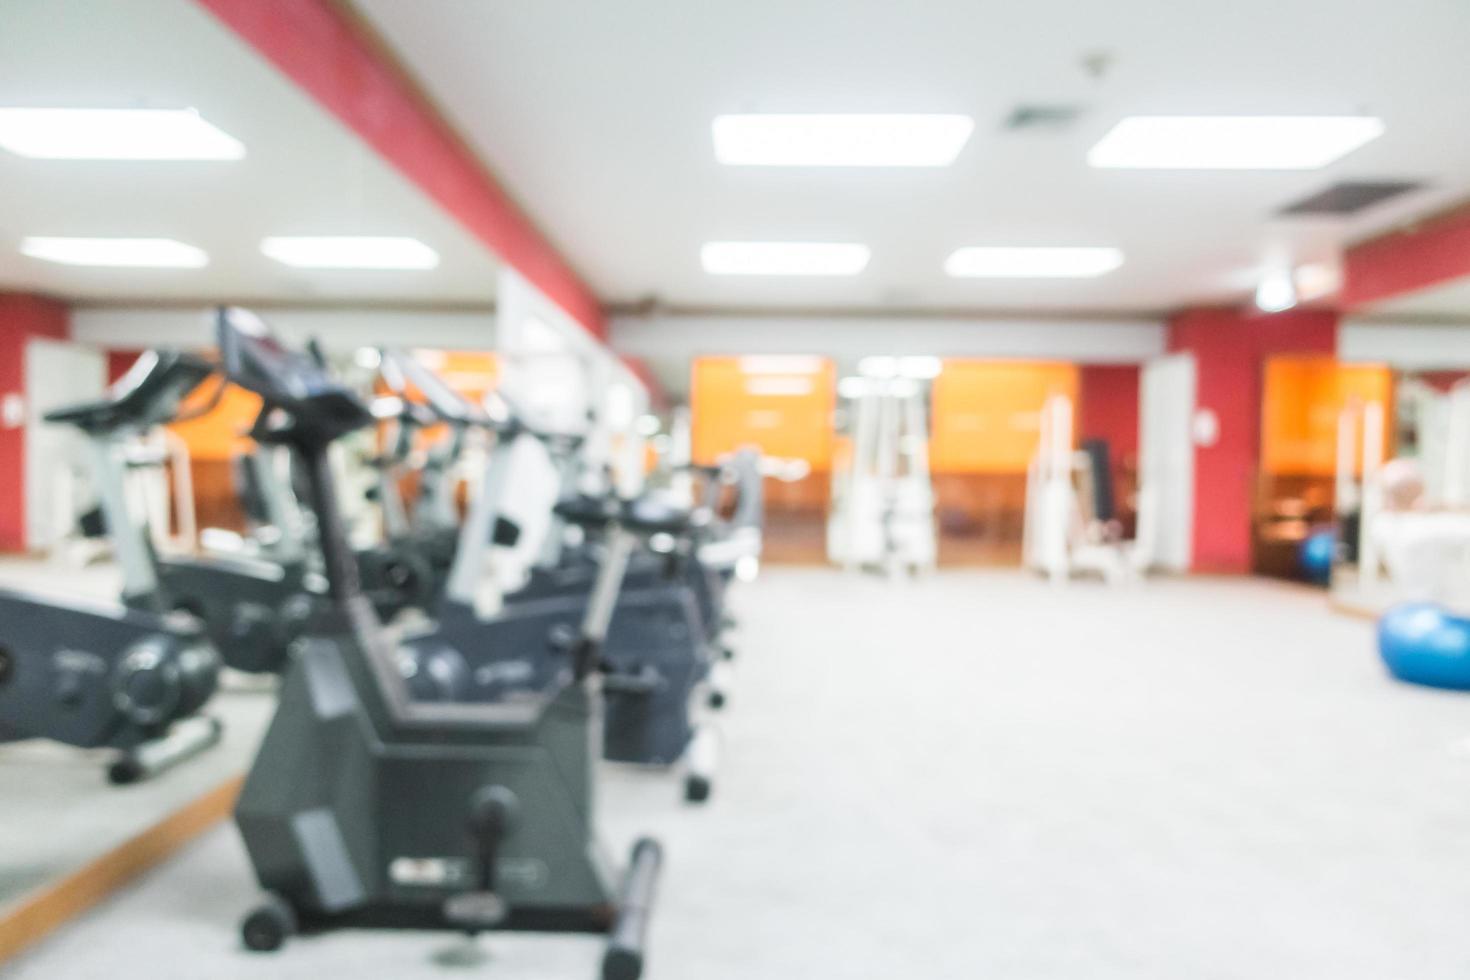 abstrait flou intérieur de la salle de gym et de remise en forme photo